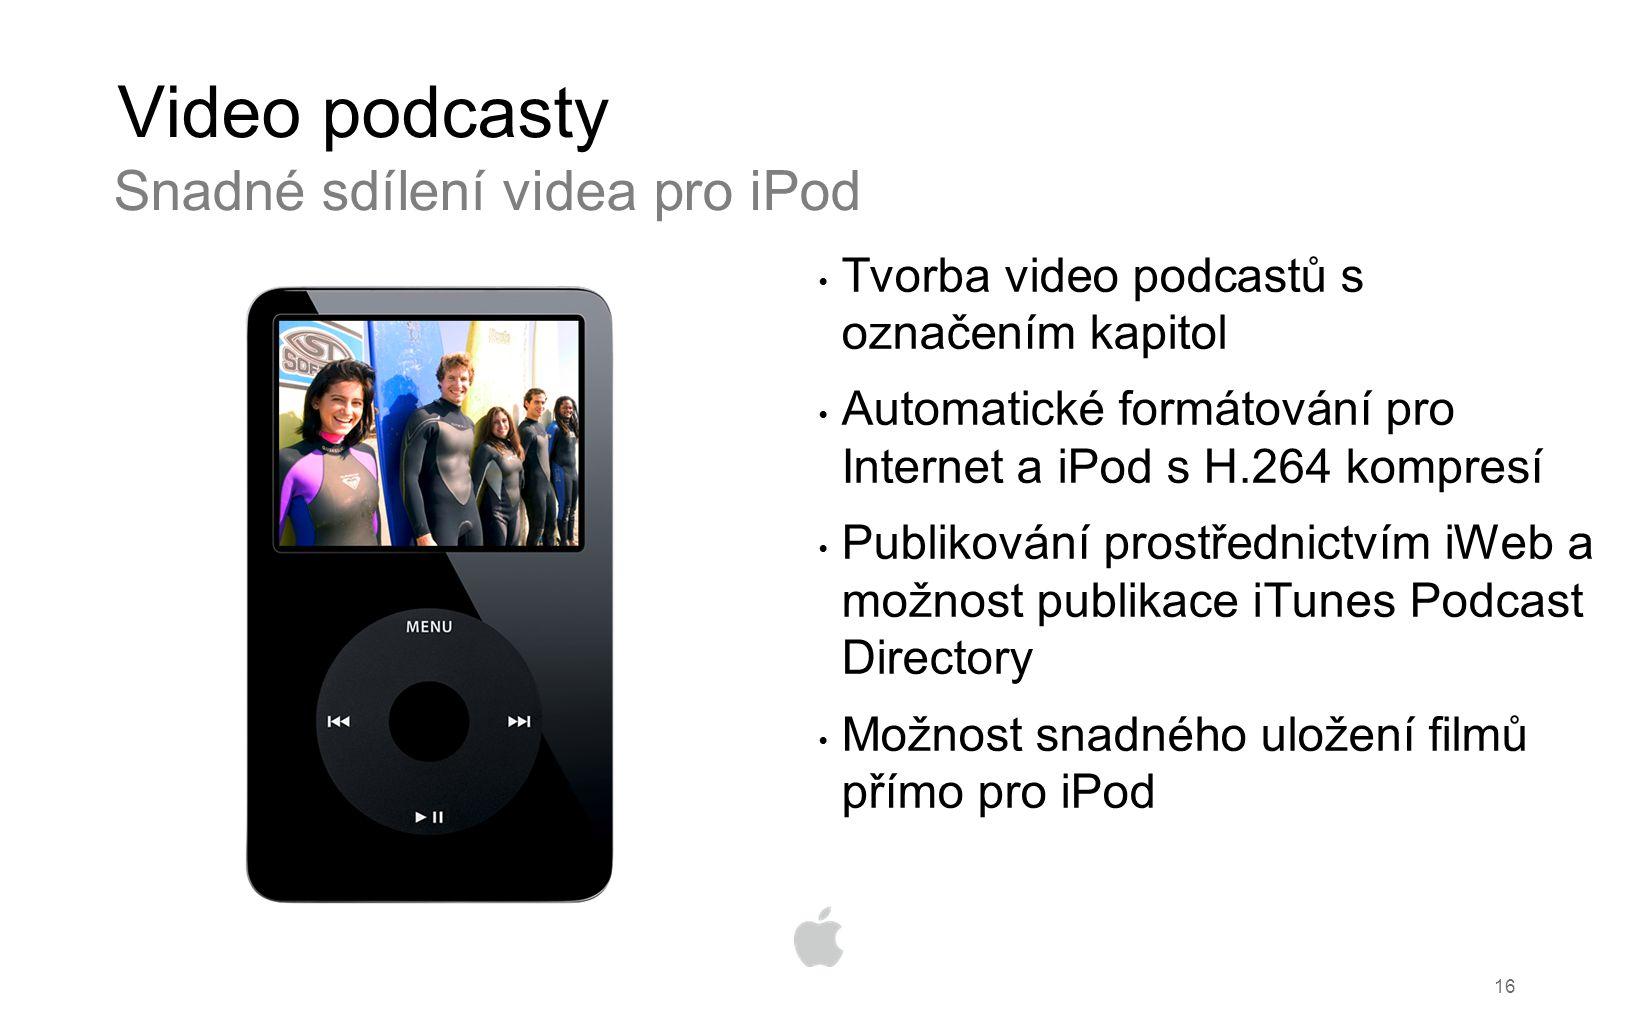 16 Video podcasty Tvorba video podcastů s označením kapitol Automatické formátování pro Internet a iPod s H.264 kompresí Publikování prostřednictvím i